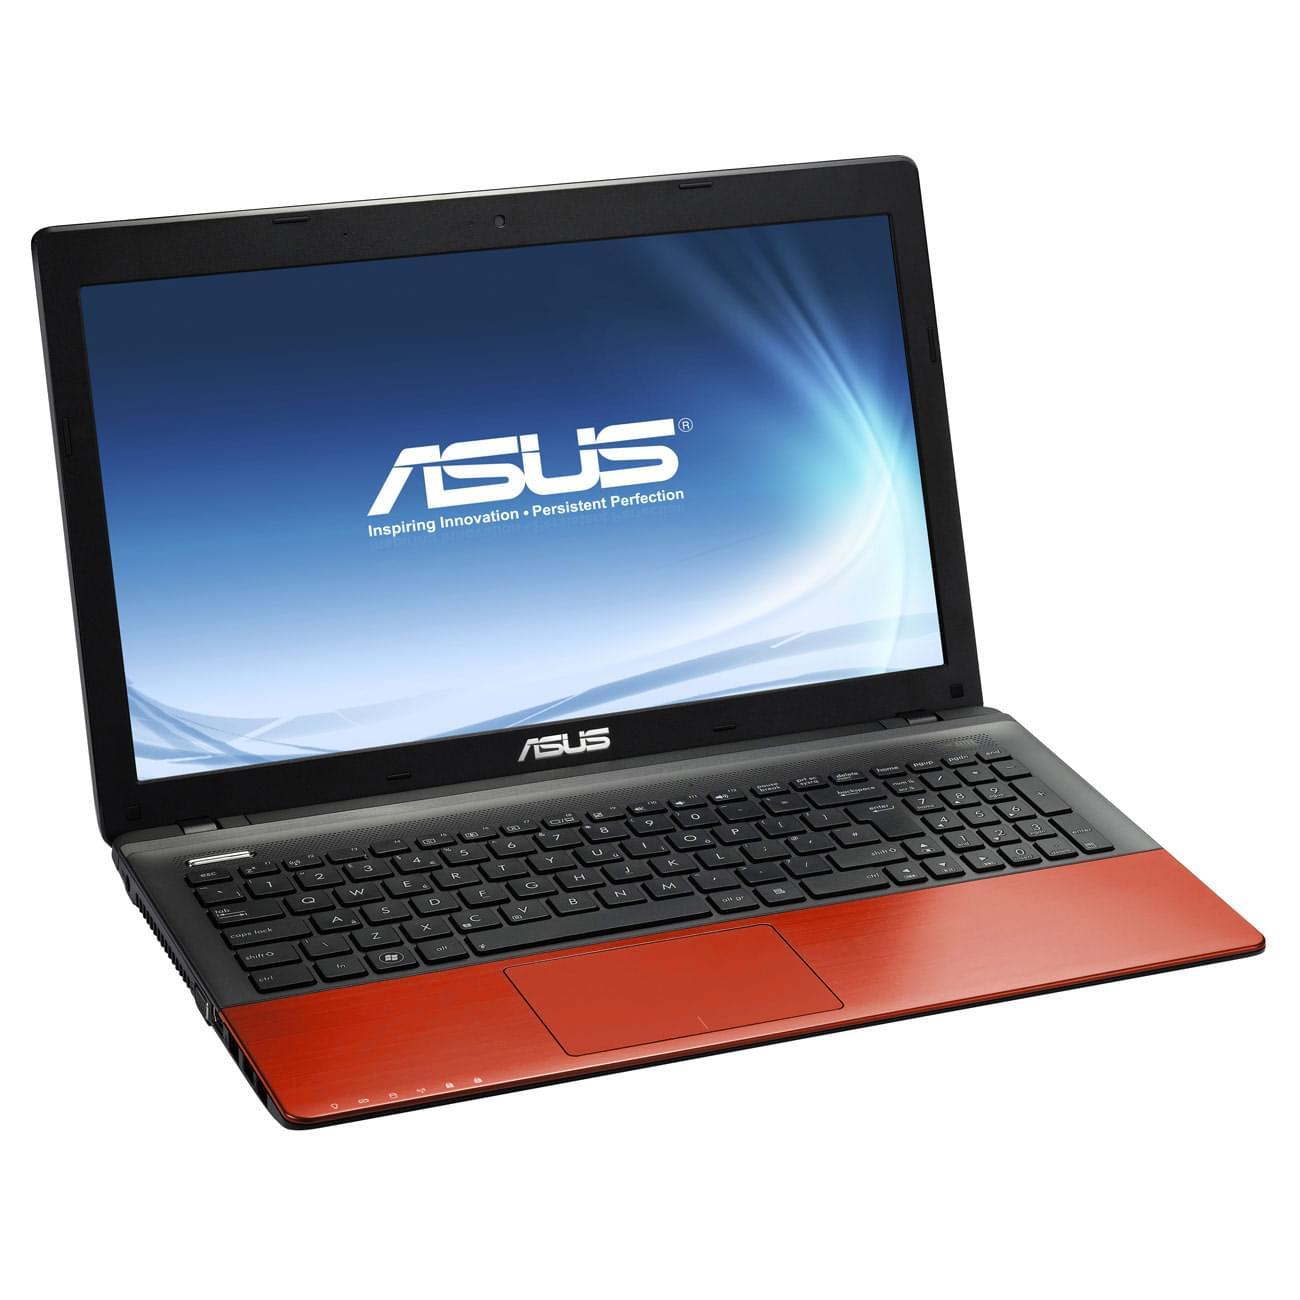 """Asus K55VD-SX227H Red -i3-3110/4Go/750Go/GT610/15.6""""/W8 (K55VD-SX227H) - Achat / Vente PC Portable sur Cybertek.fr - 0"""